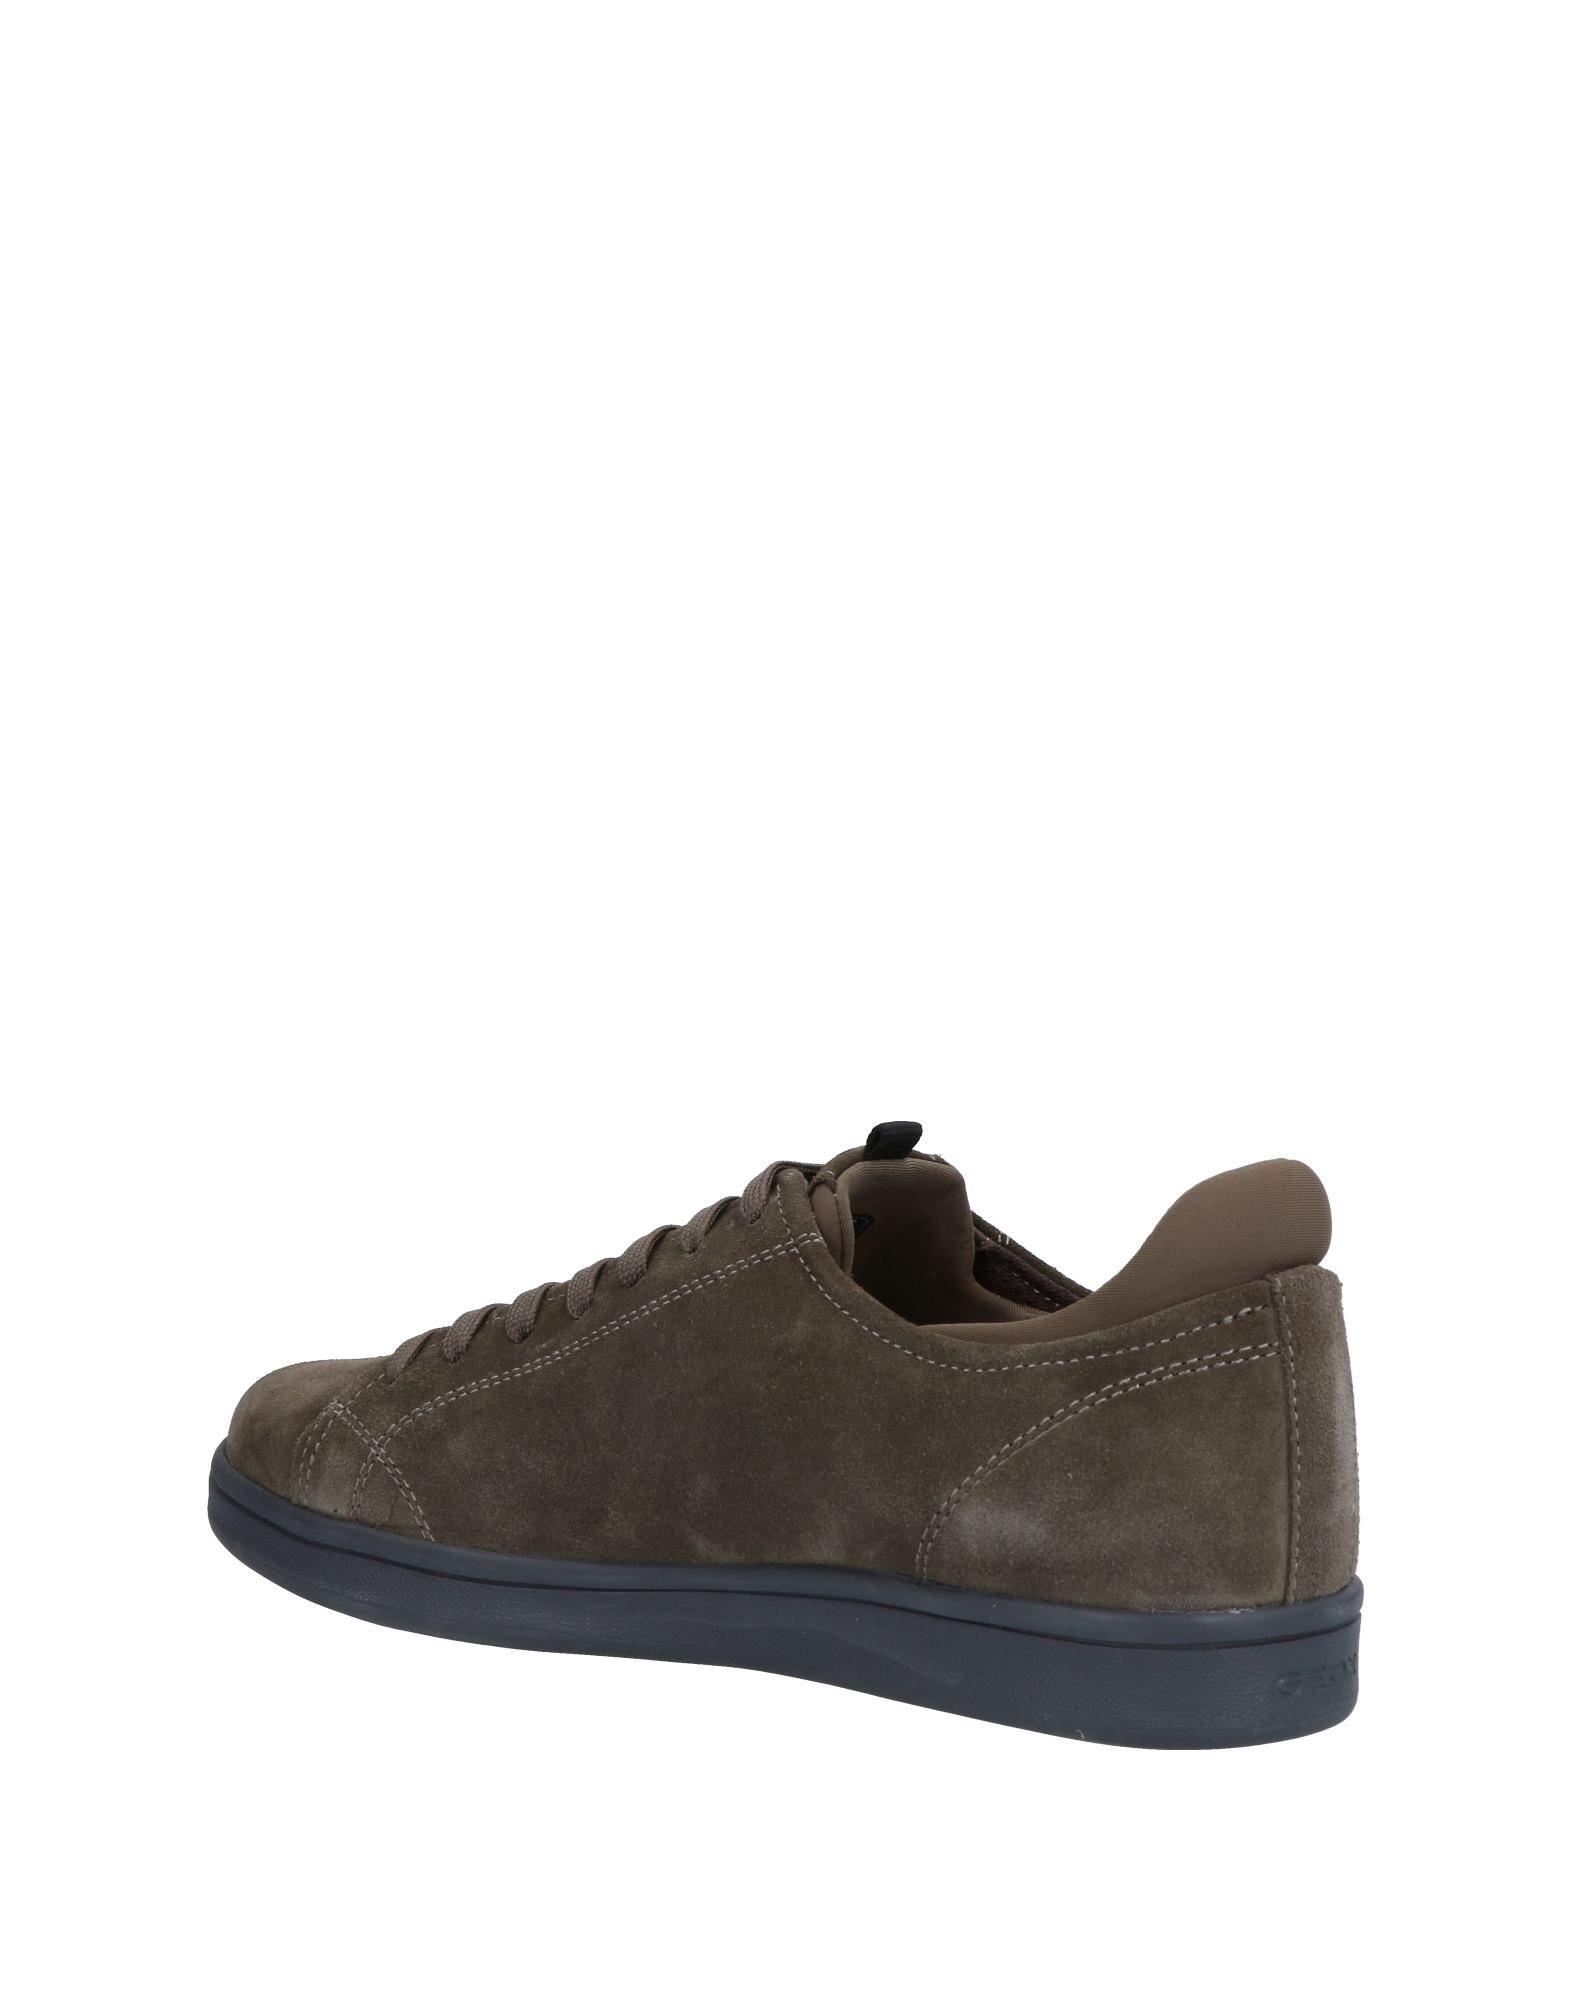 Rabatt Geox echte Schuhe Geox Rabatt Sneakers Herren  11496704RC 227f2a